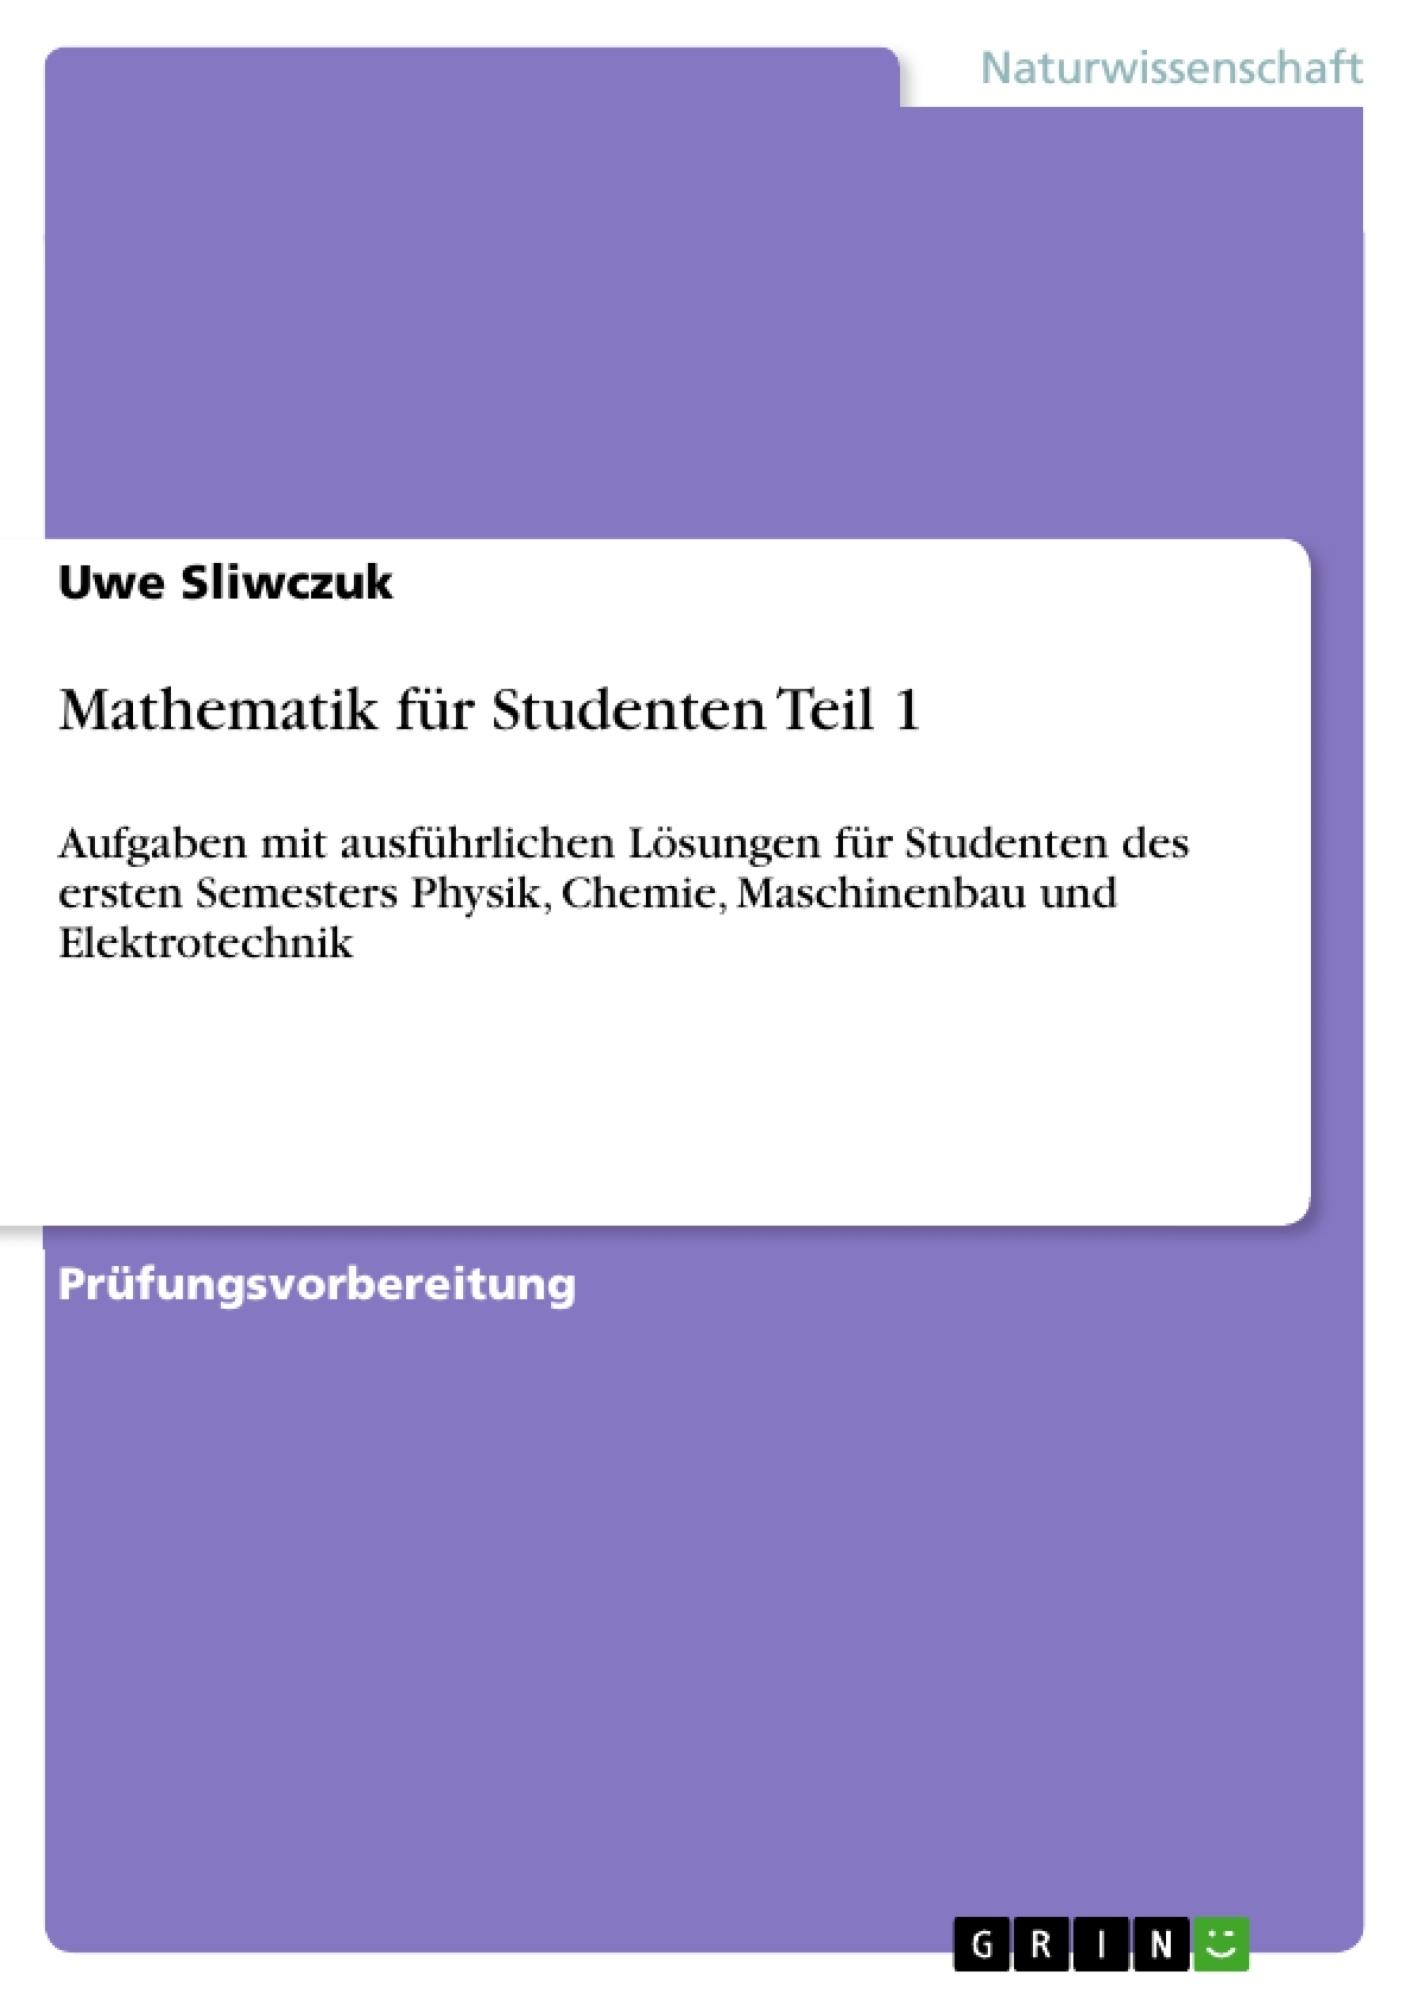 Titel: Mathematik für Studenten Teil 1